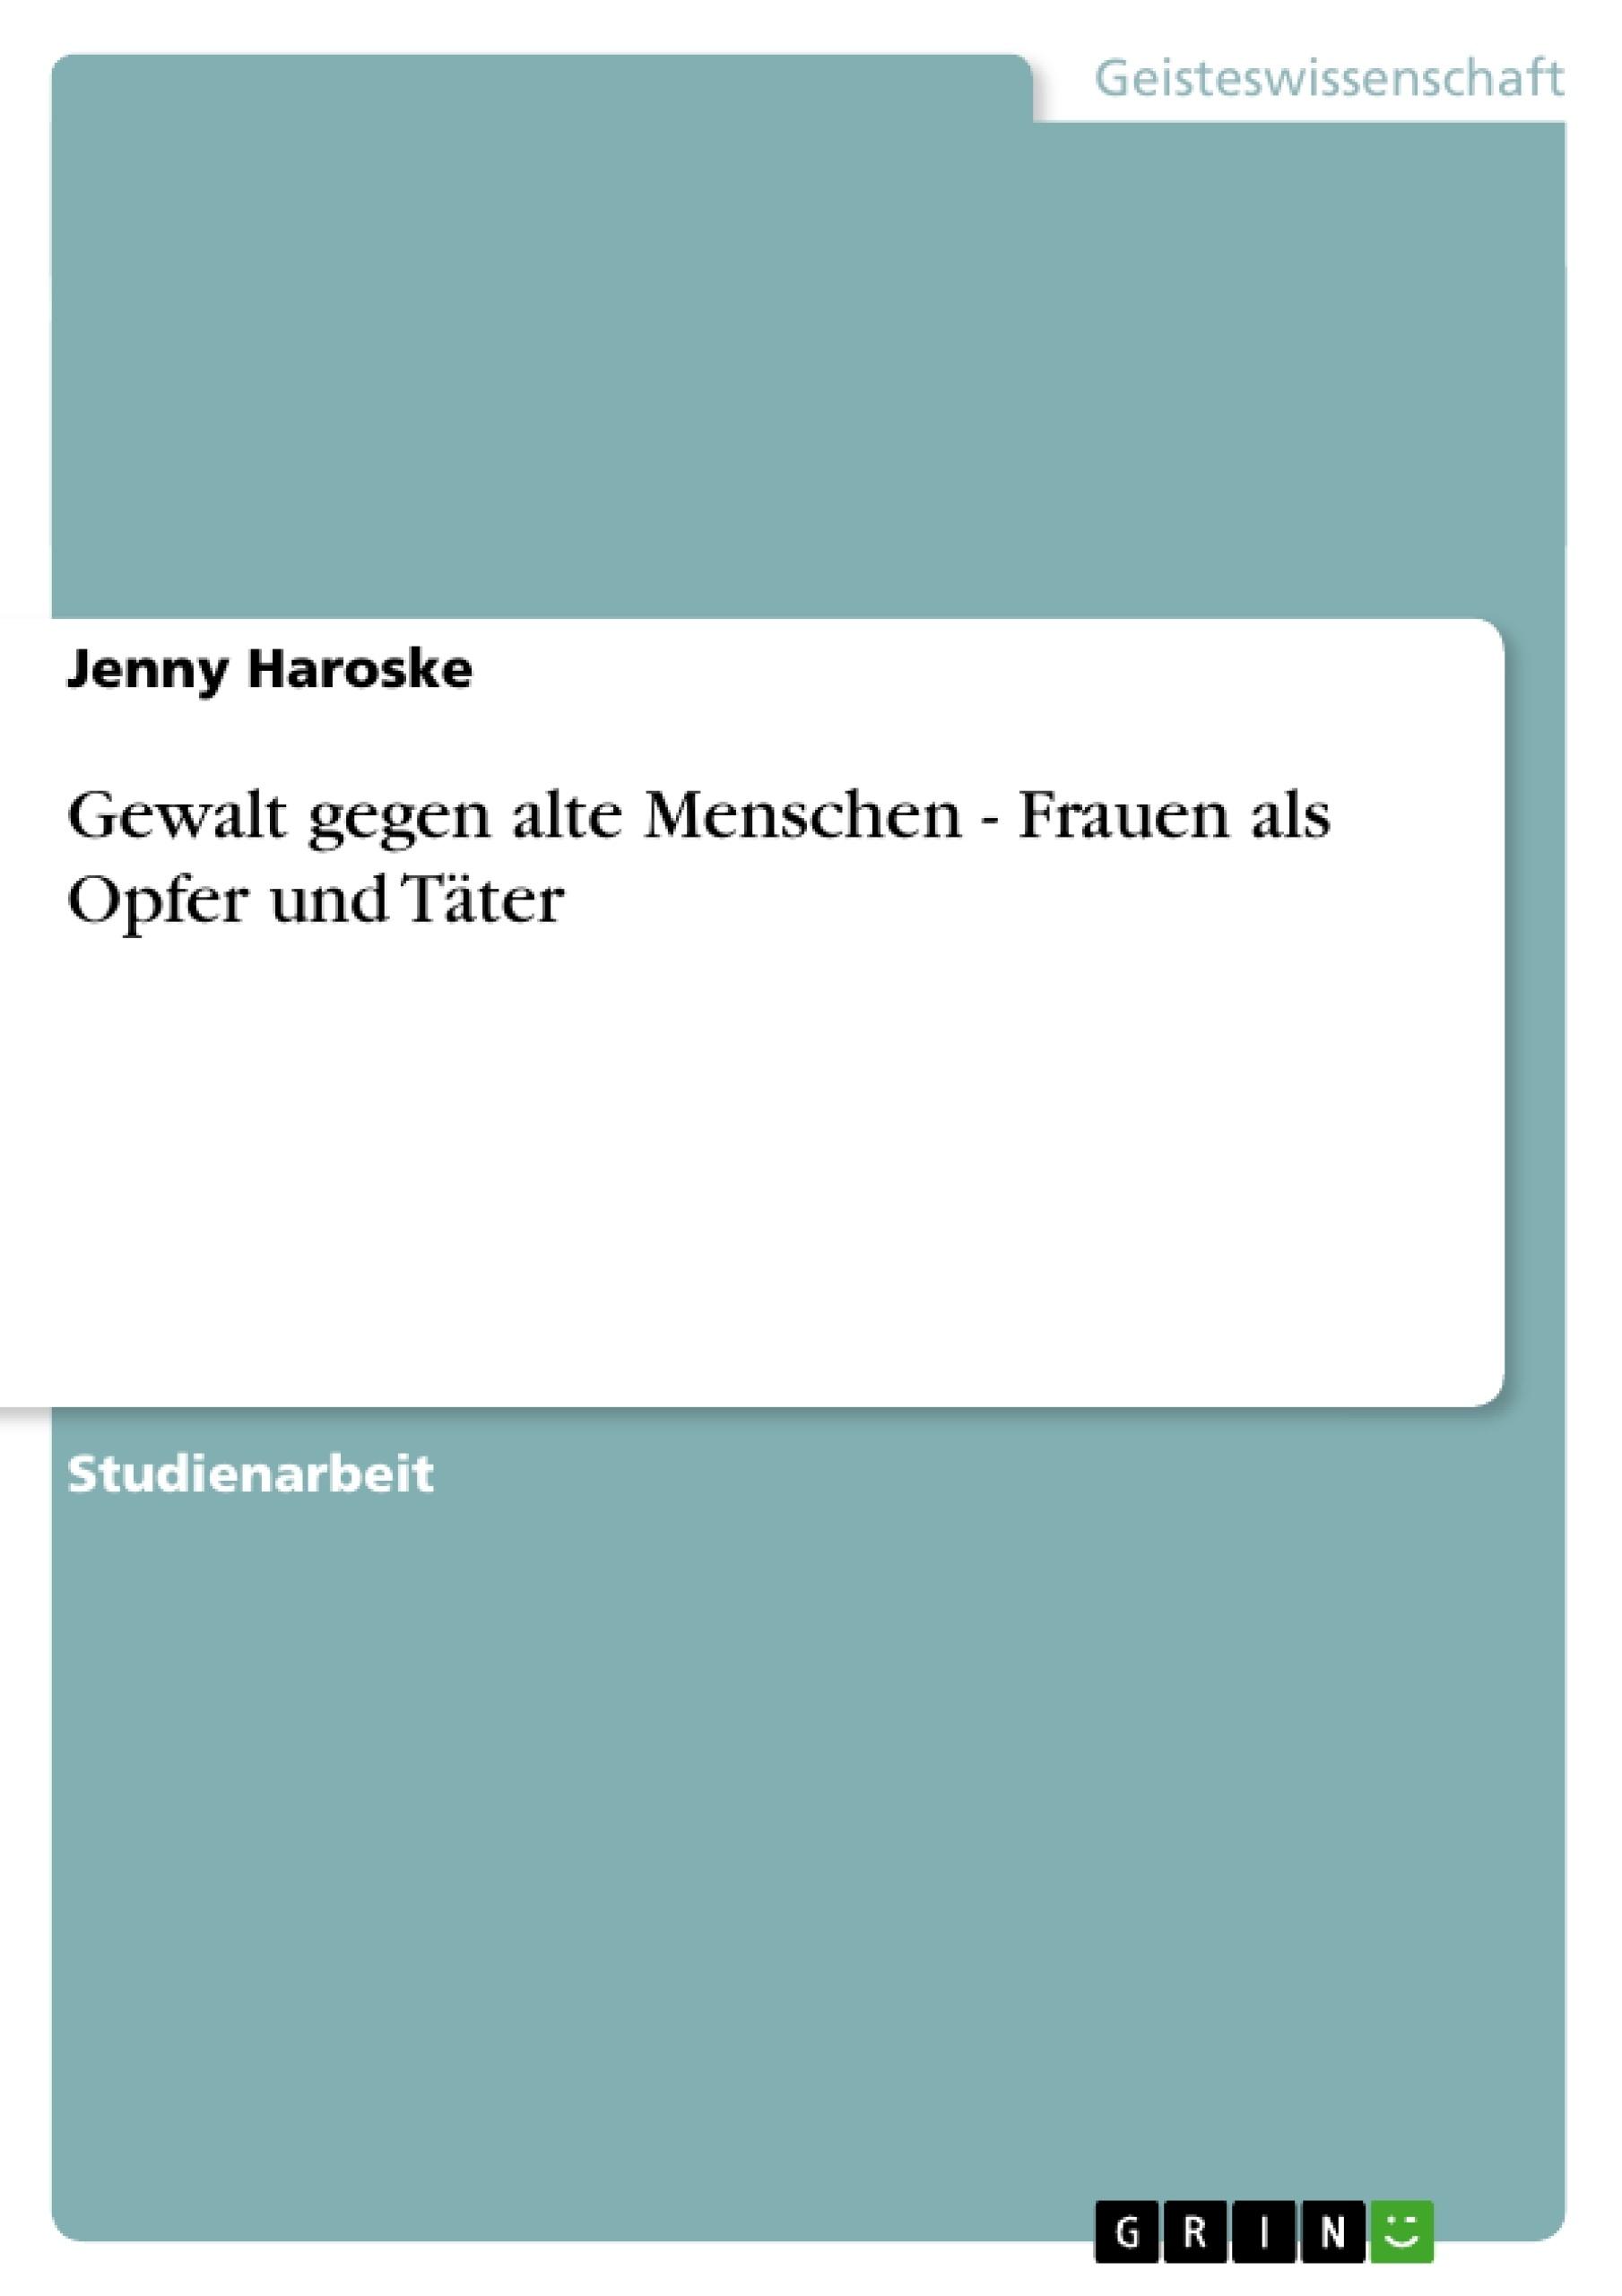 Titel: Gewalt gegen alte Menschen - Frauen als Opfer und Täter